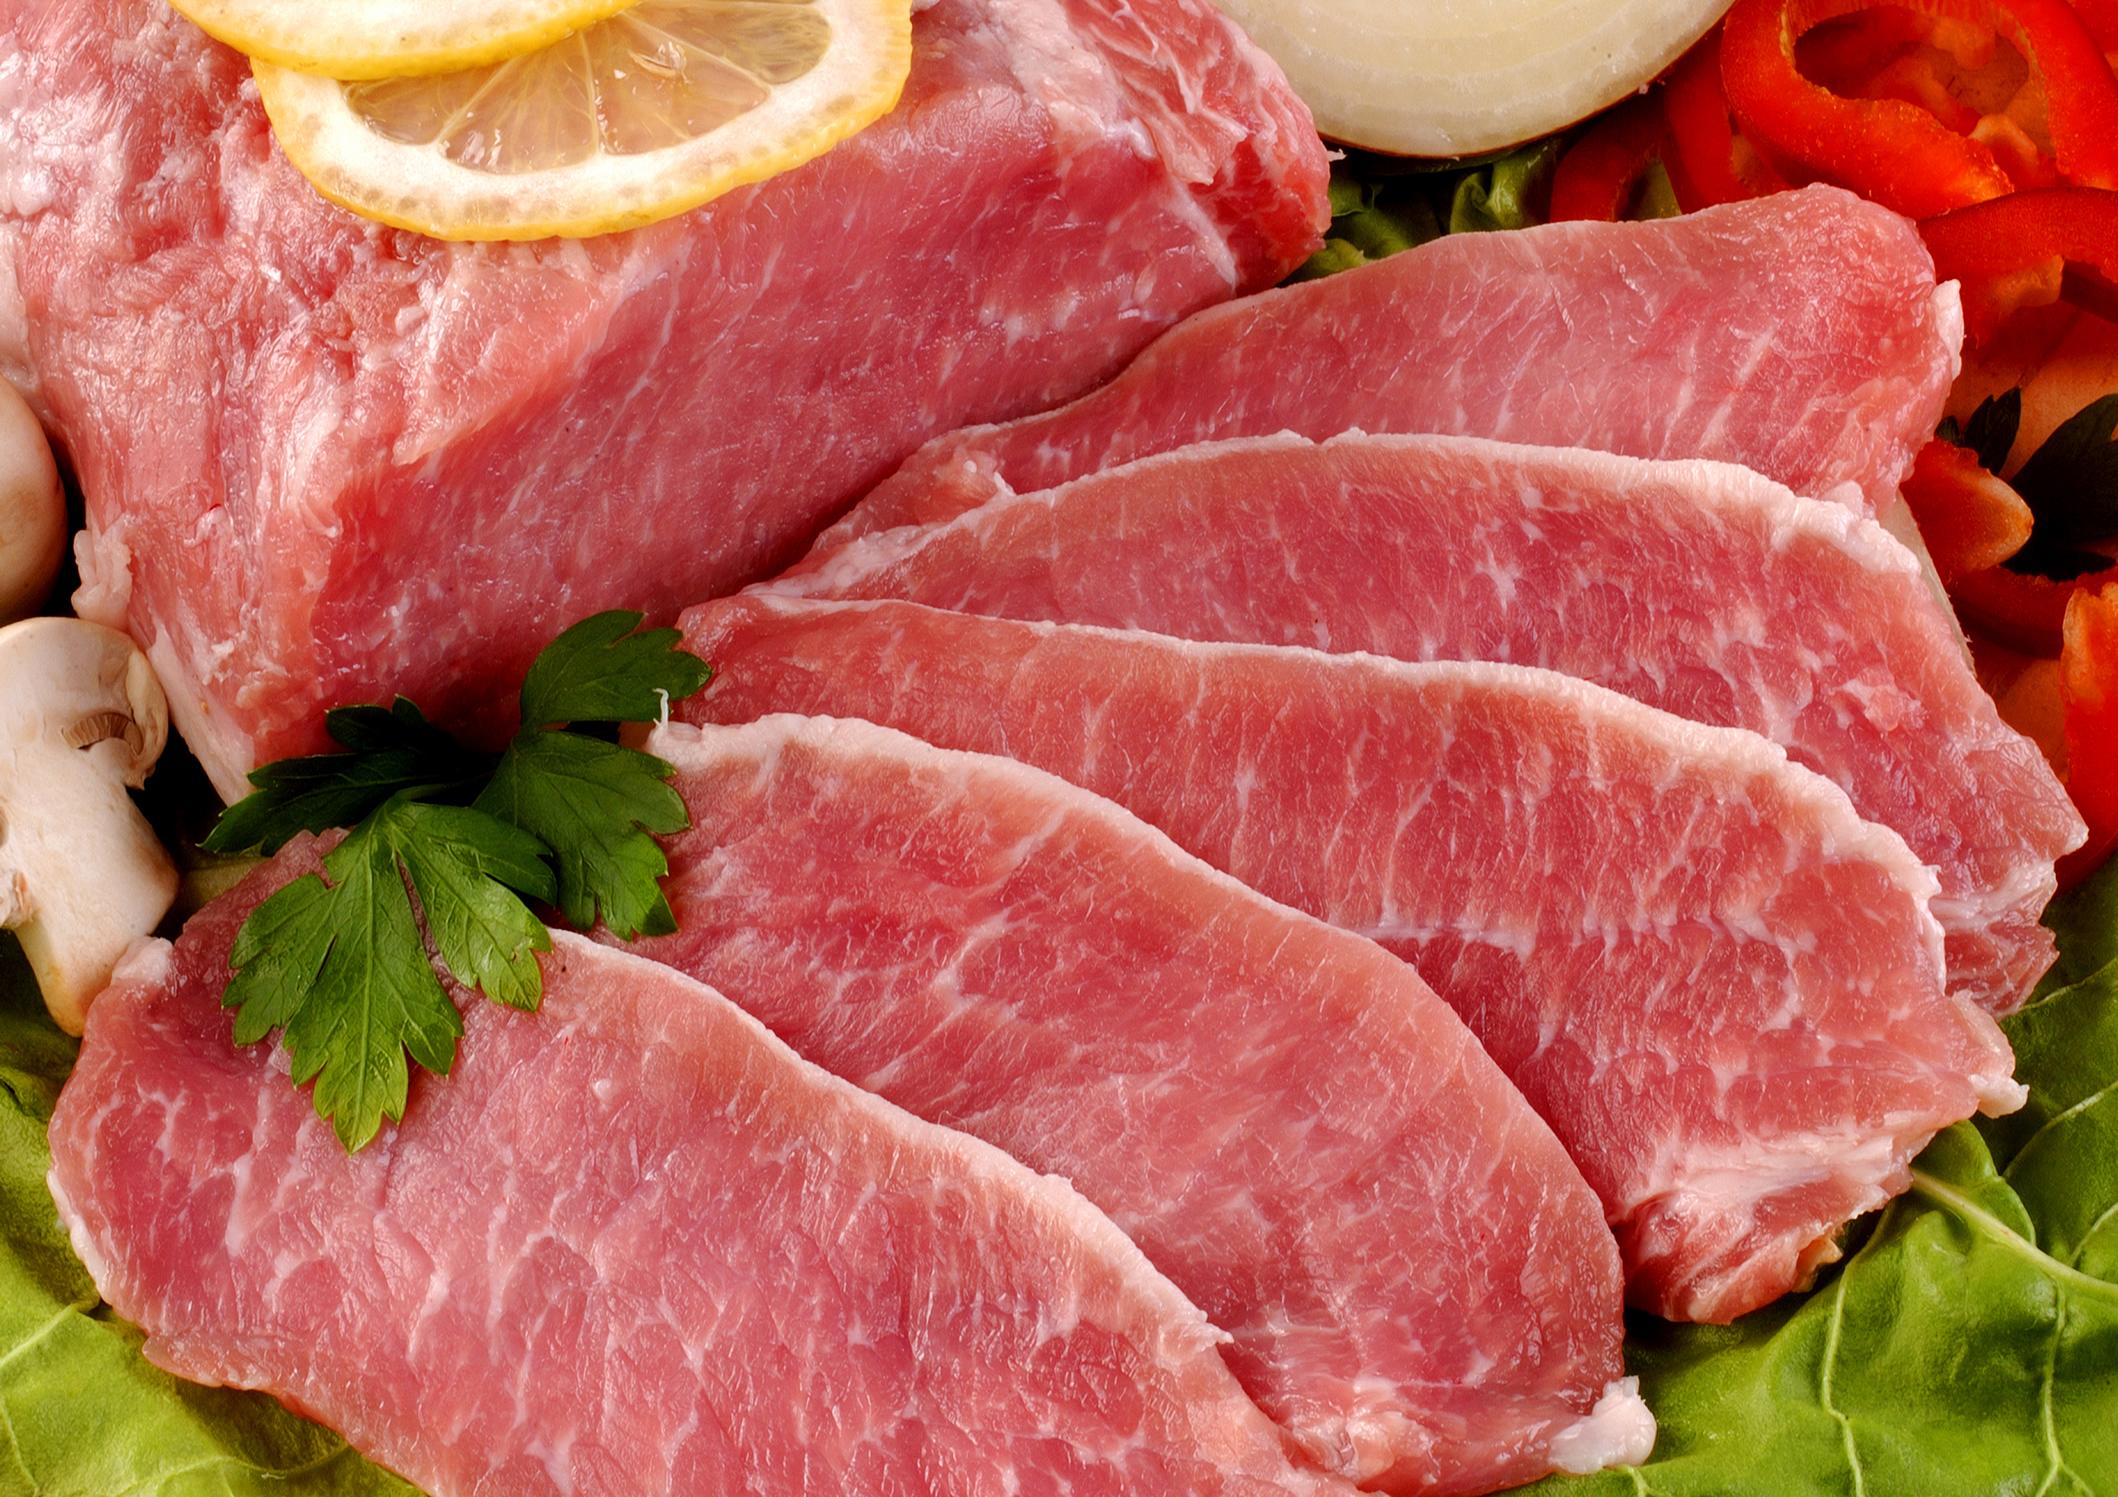 Мясо нарезанное кусочками, скачать фото, обои для рабочего стола